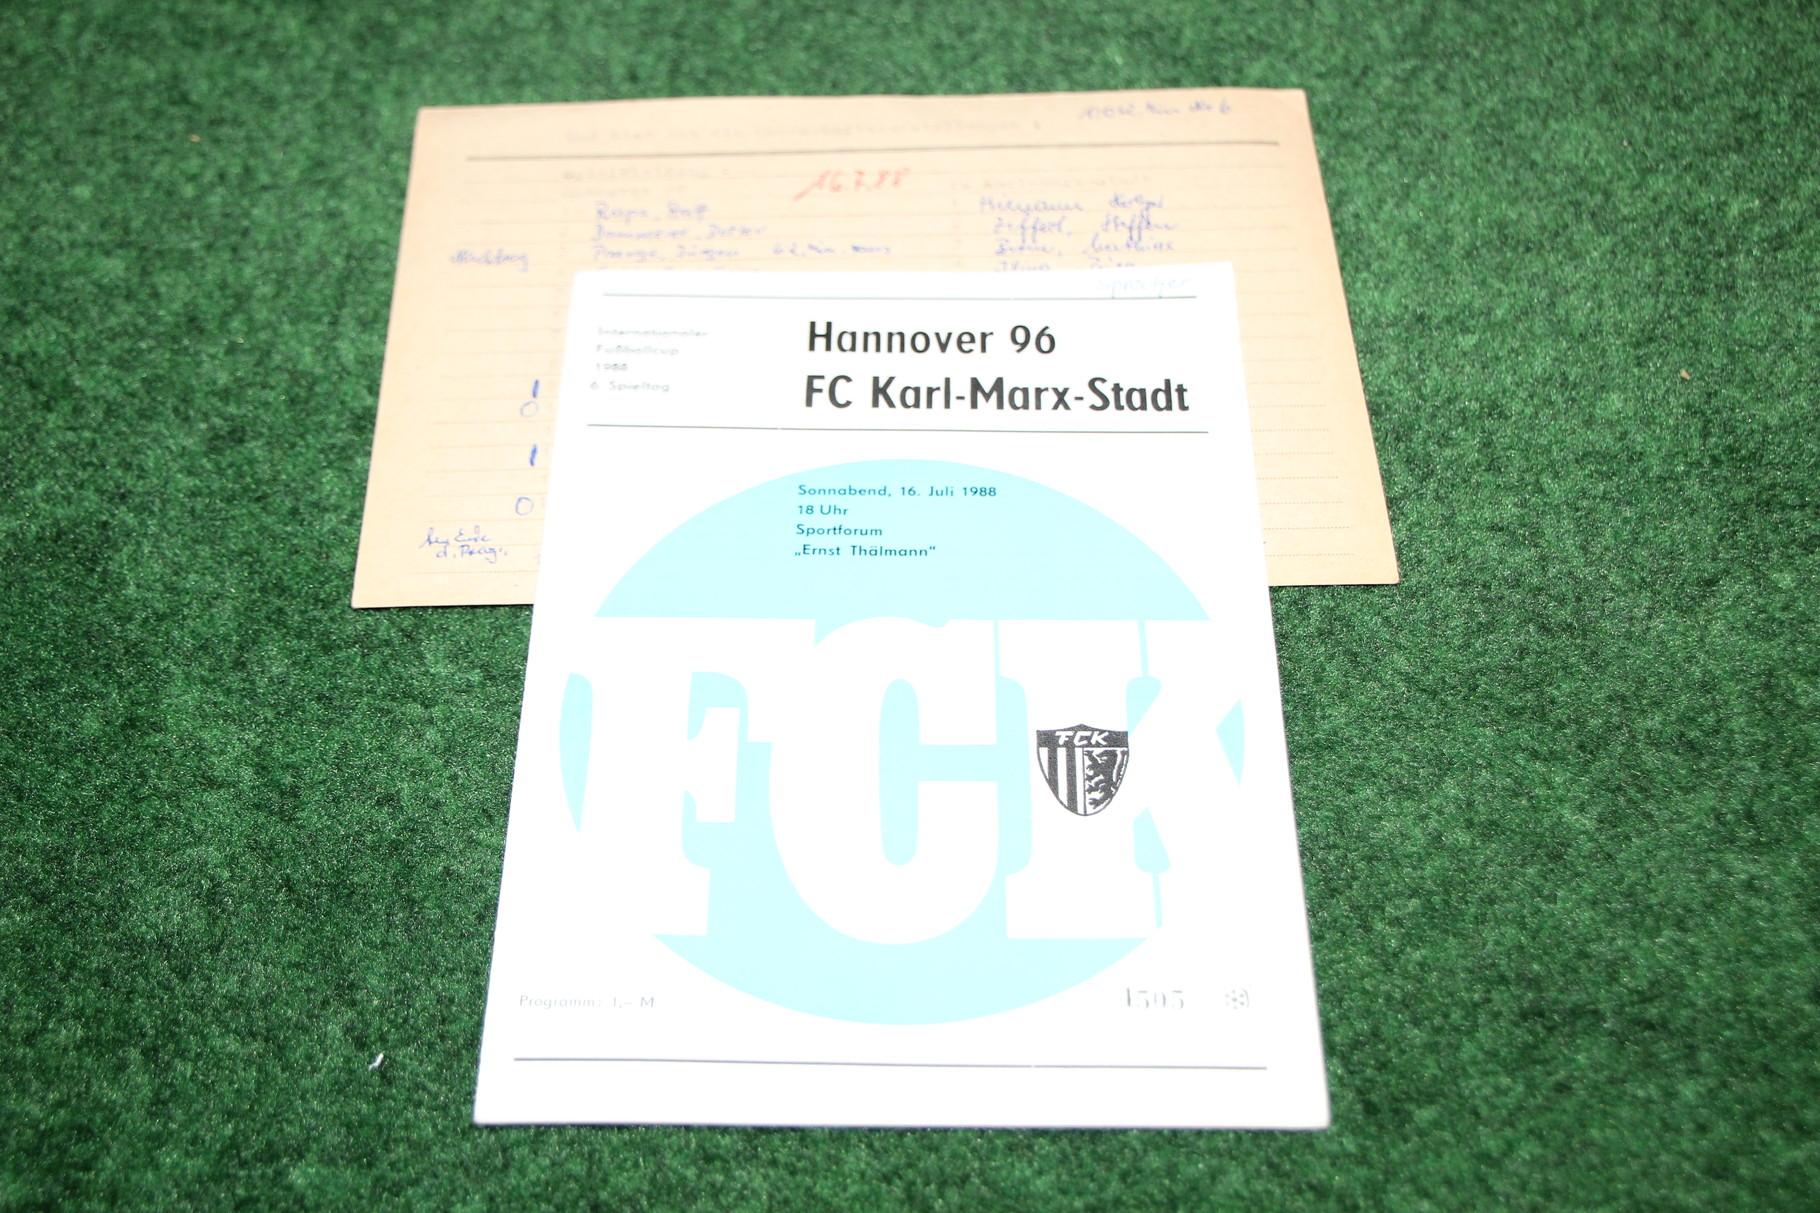 Offizielles Programm von FC Karl-Marx-Stadt (Chemnitzer FC) gegen Hannover 96 inklusiv dem original Aufstellungszettel des damaligen Stadionsprechers.